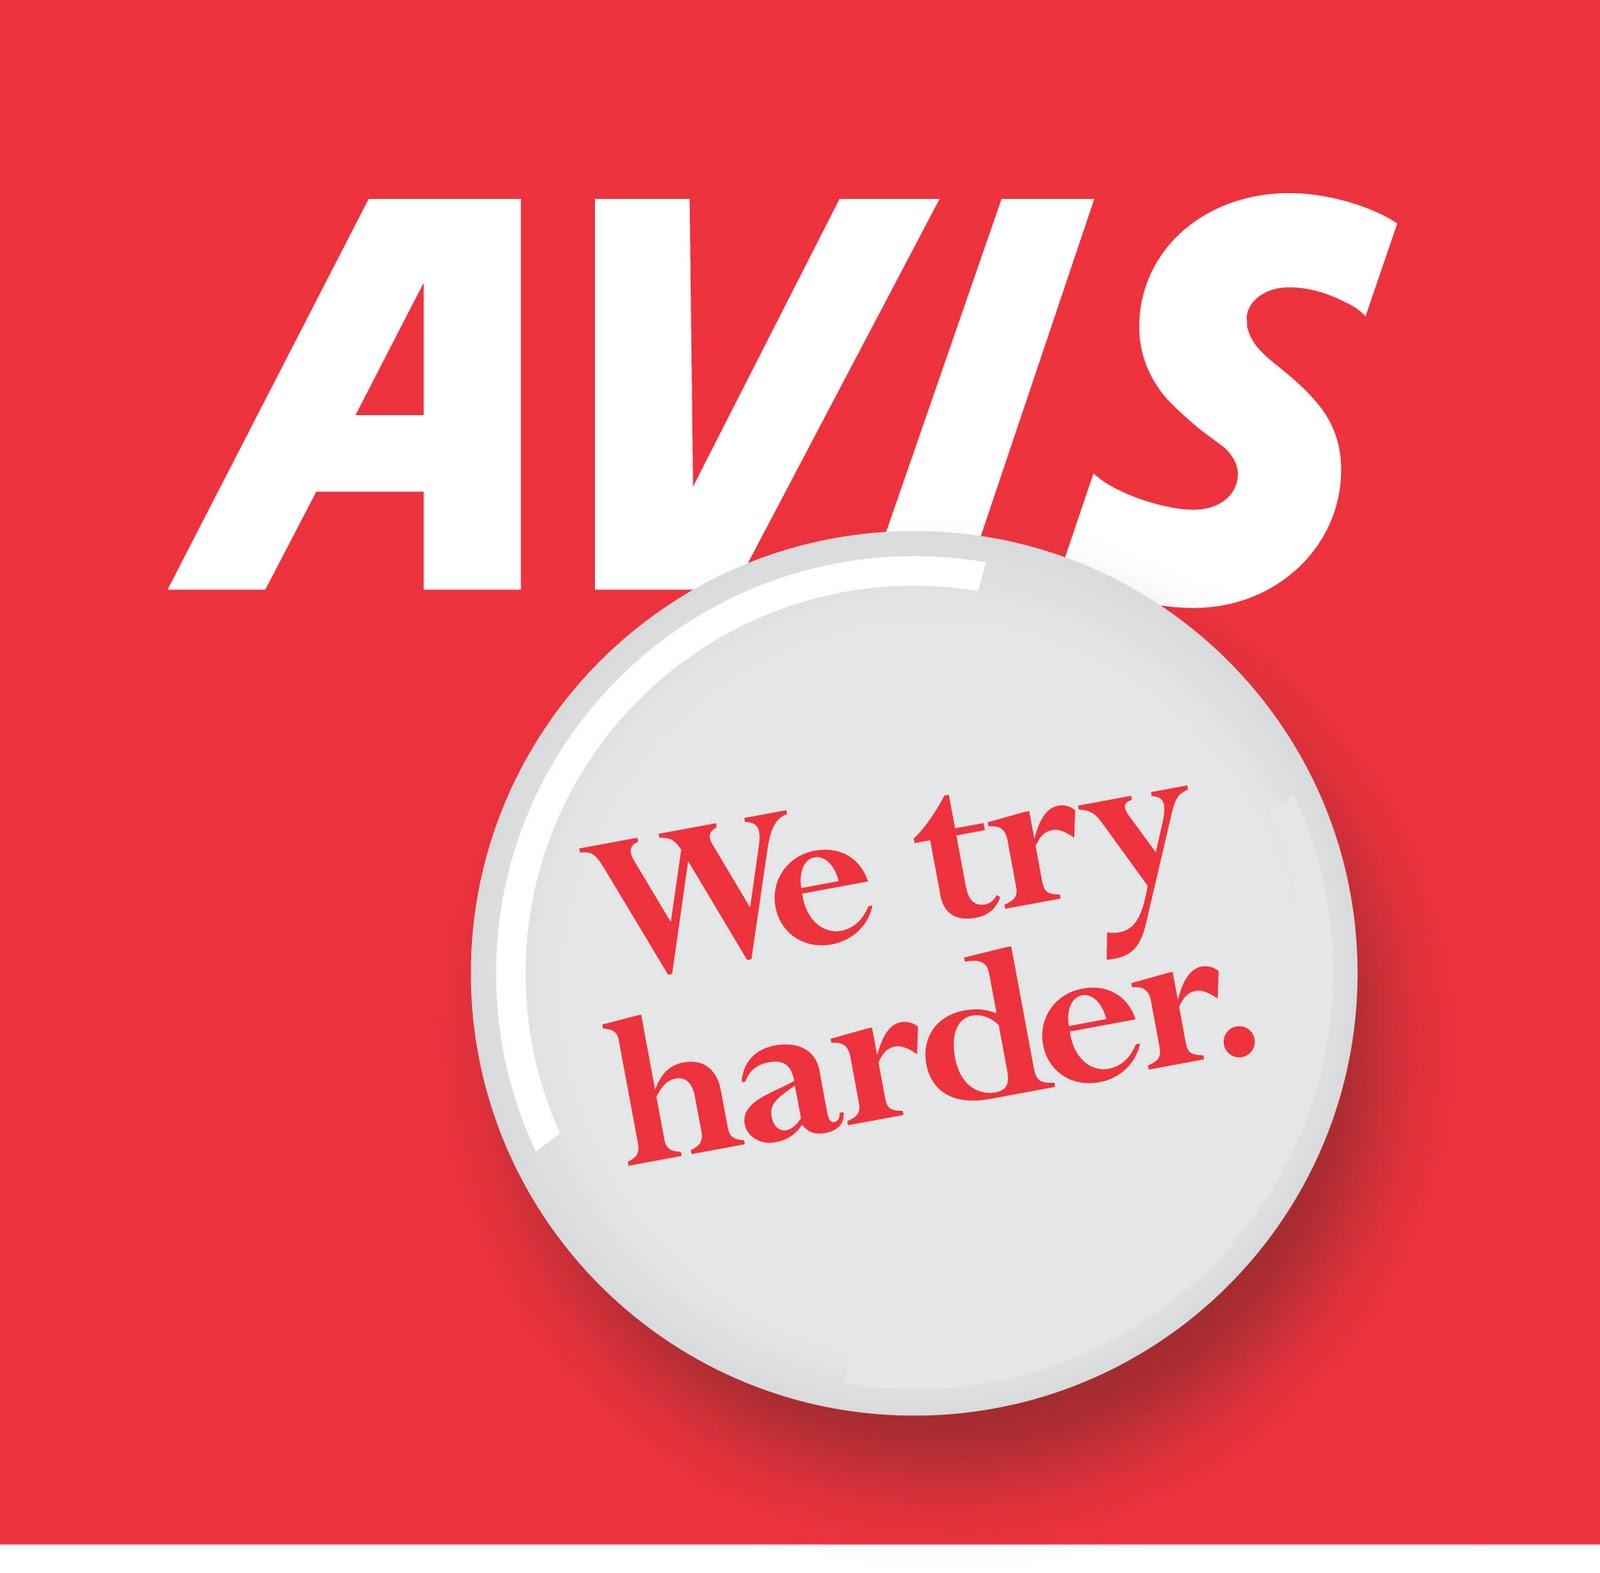 Miss Loja: Conduzir A Avis: Do Online Ao Offline